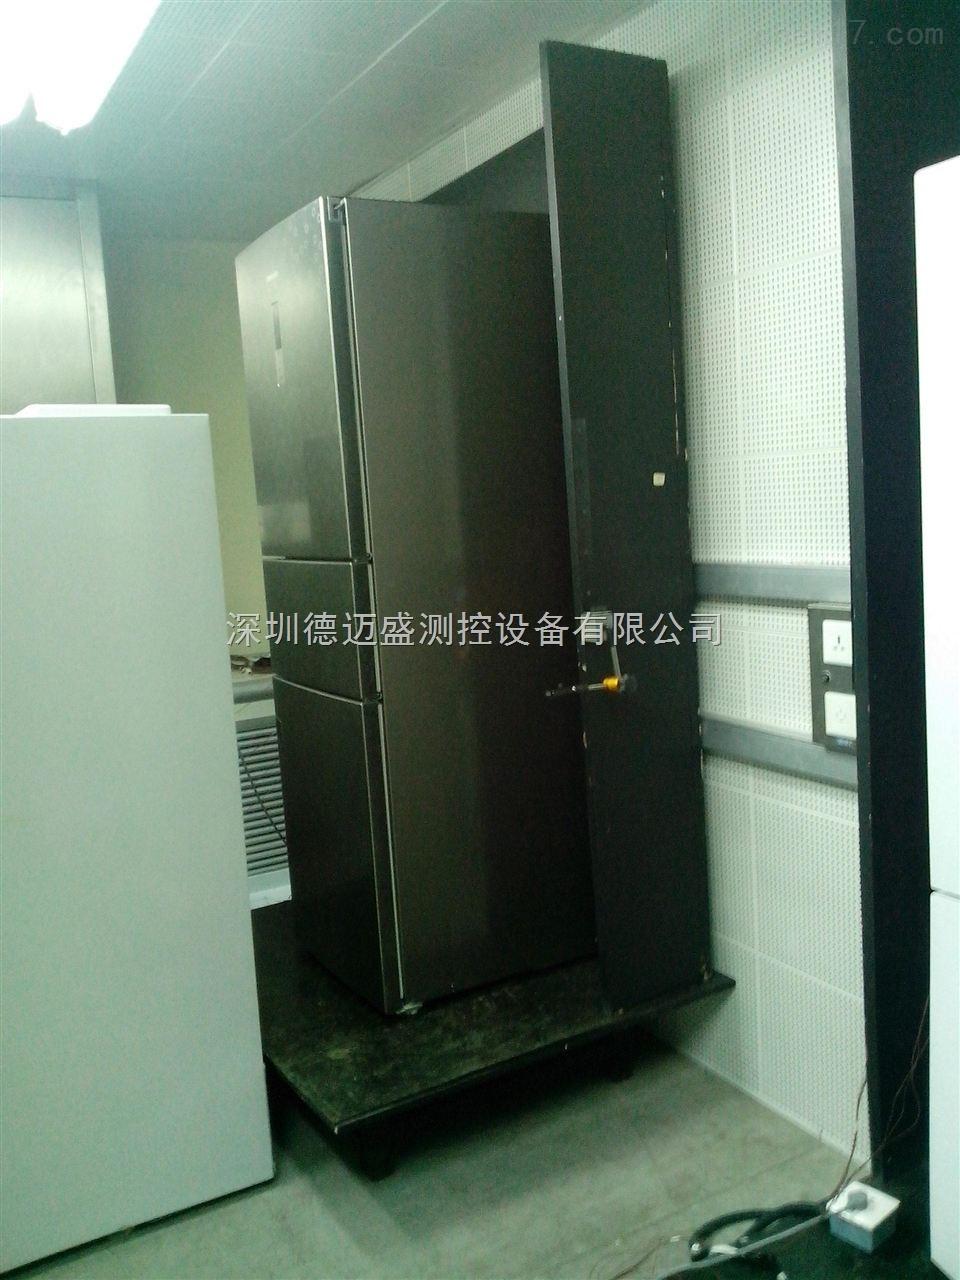 电冰箱性能实验室